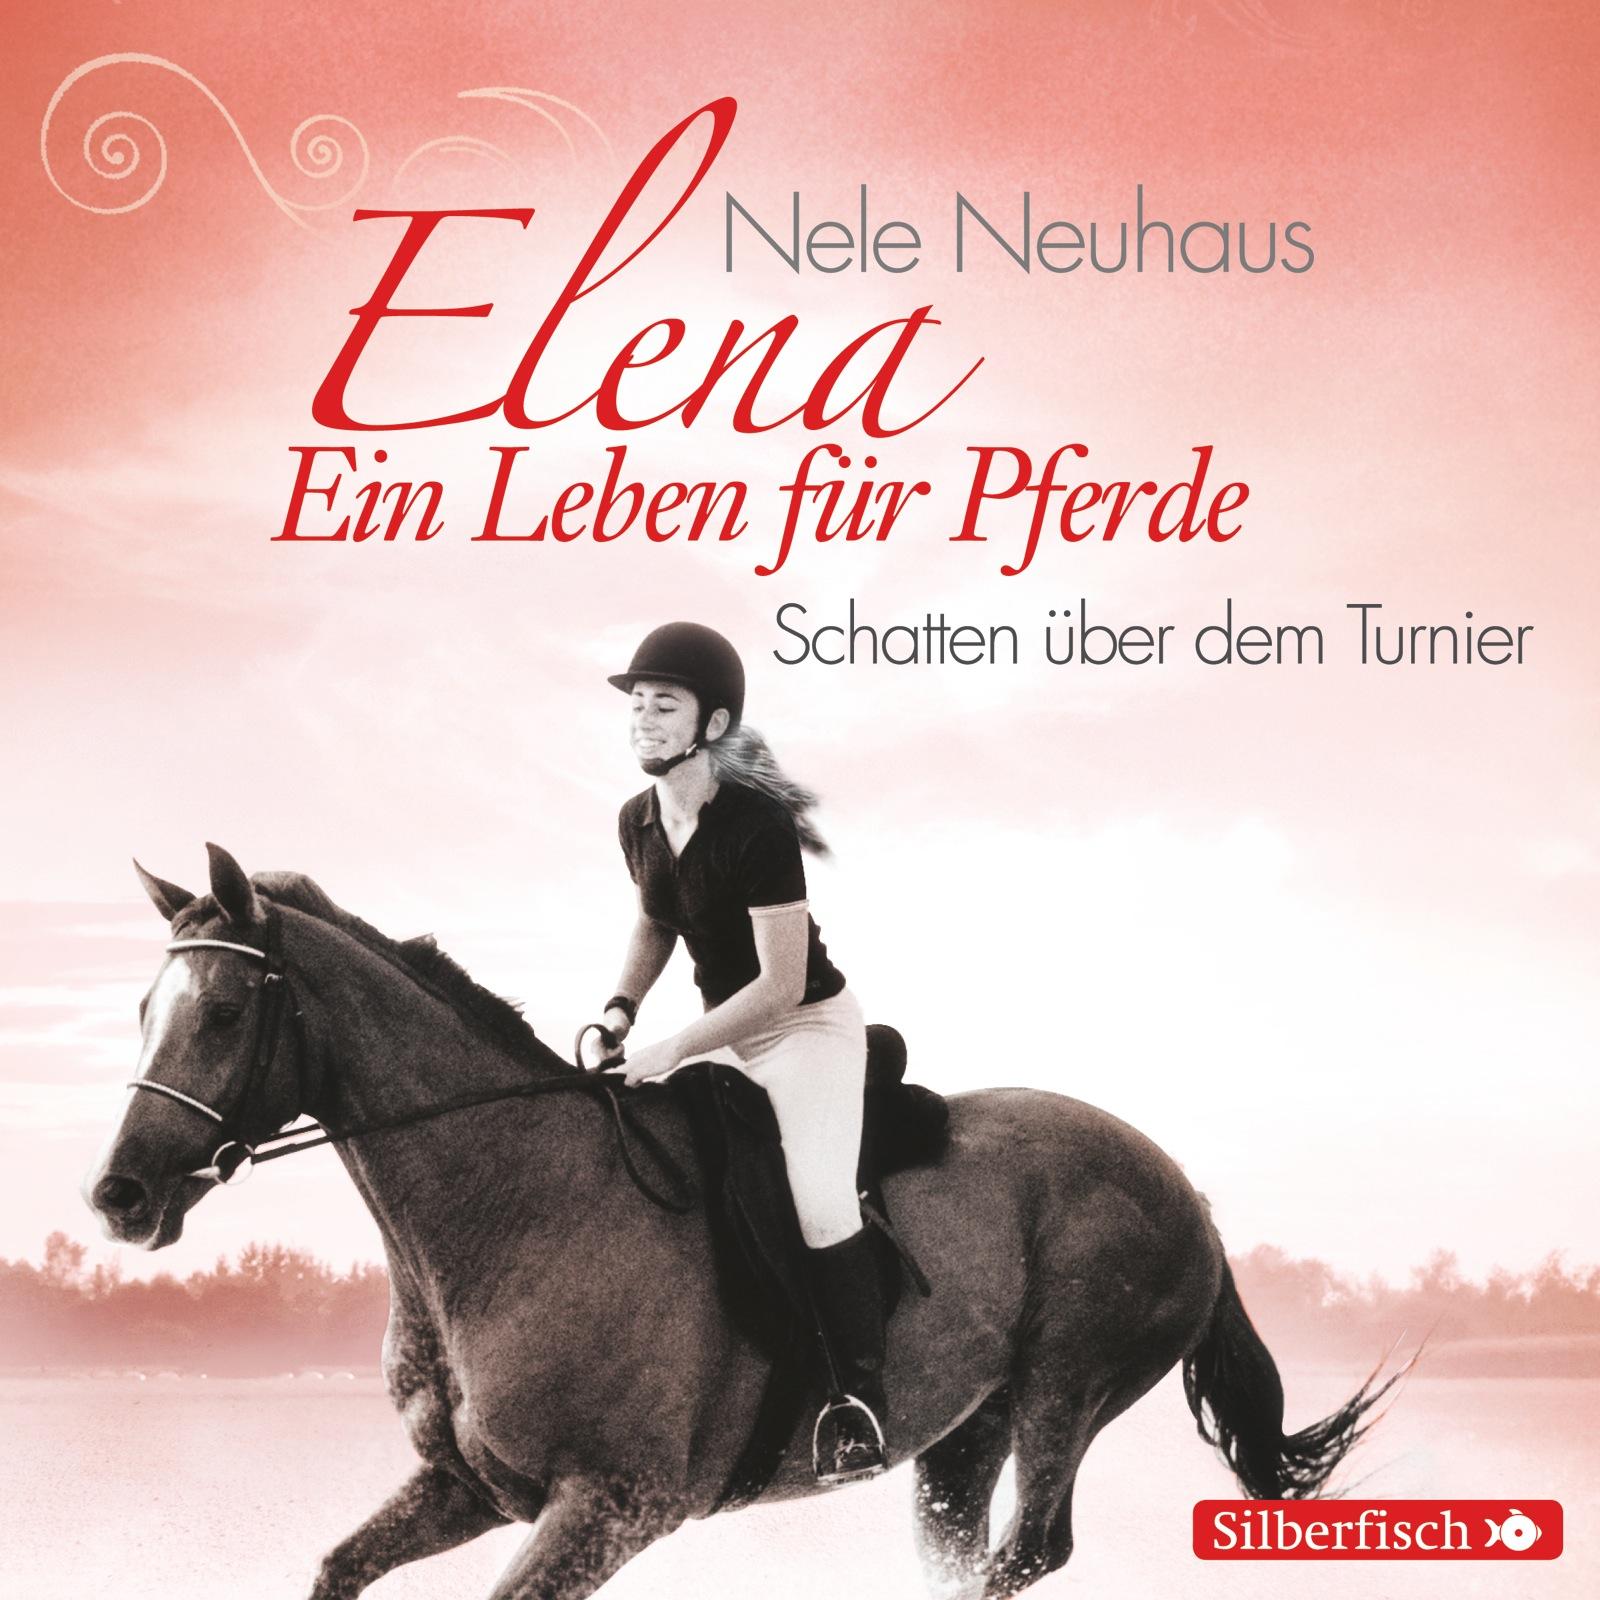 Elena - Ein Leben für Pferde: Folge 3 - Schatten über dem Turnier - Nele Neuhaus [Audio CD]